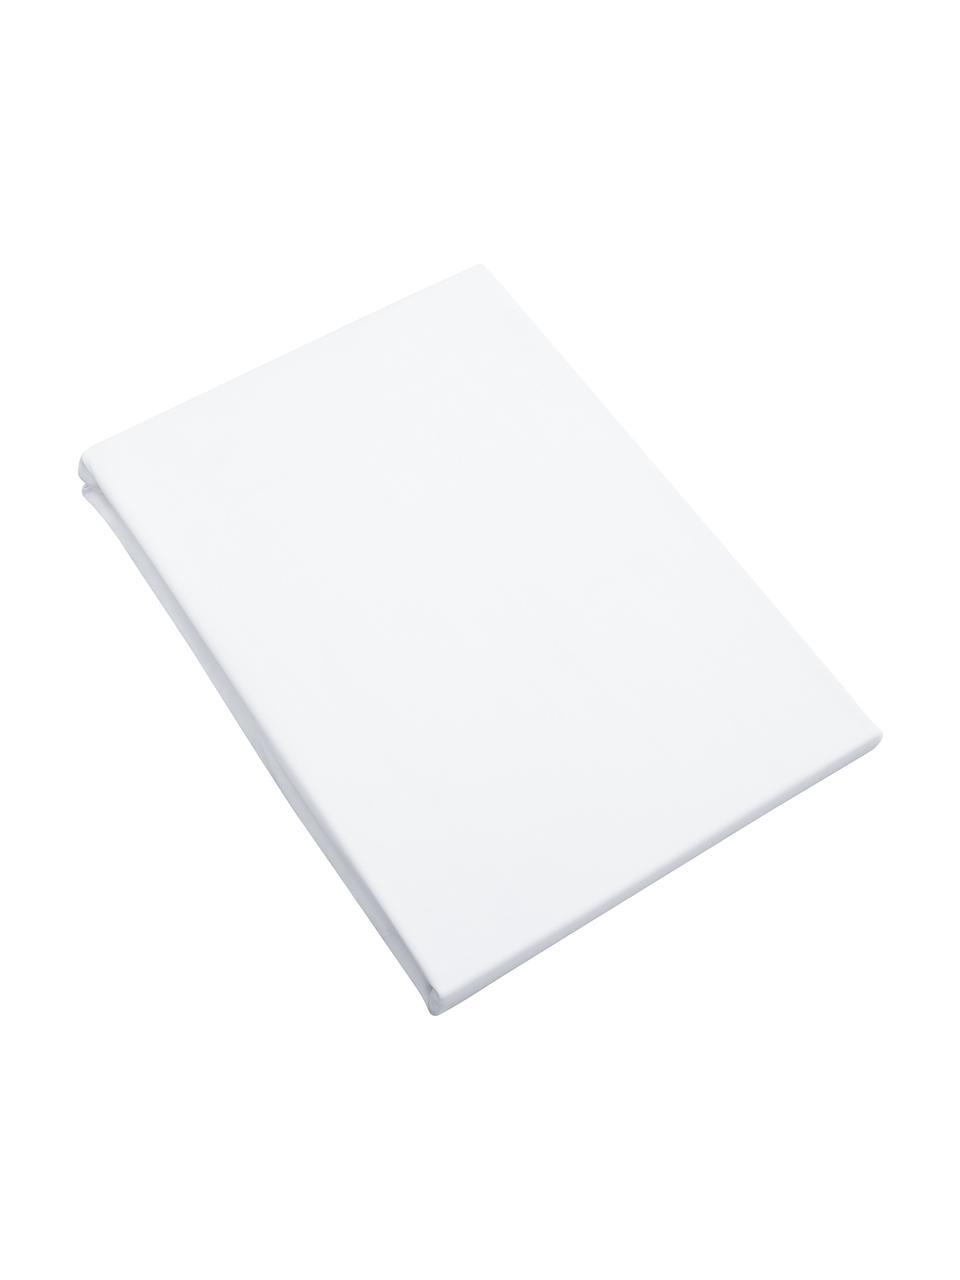 Prześcieradło z gumką z organicznej satyny bawełnianej Premium, Biały, S 180 x D 200 cm